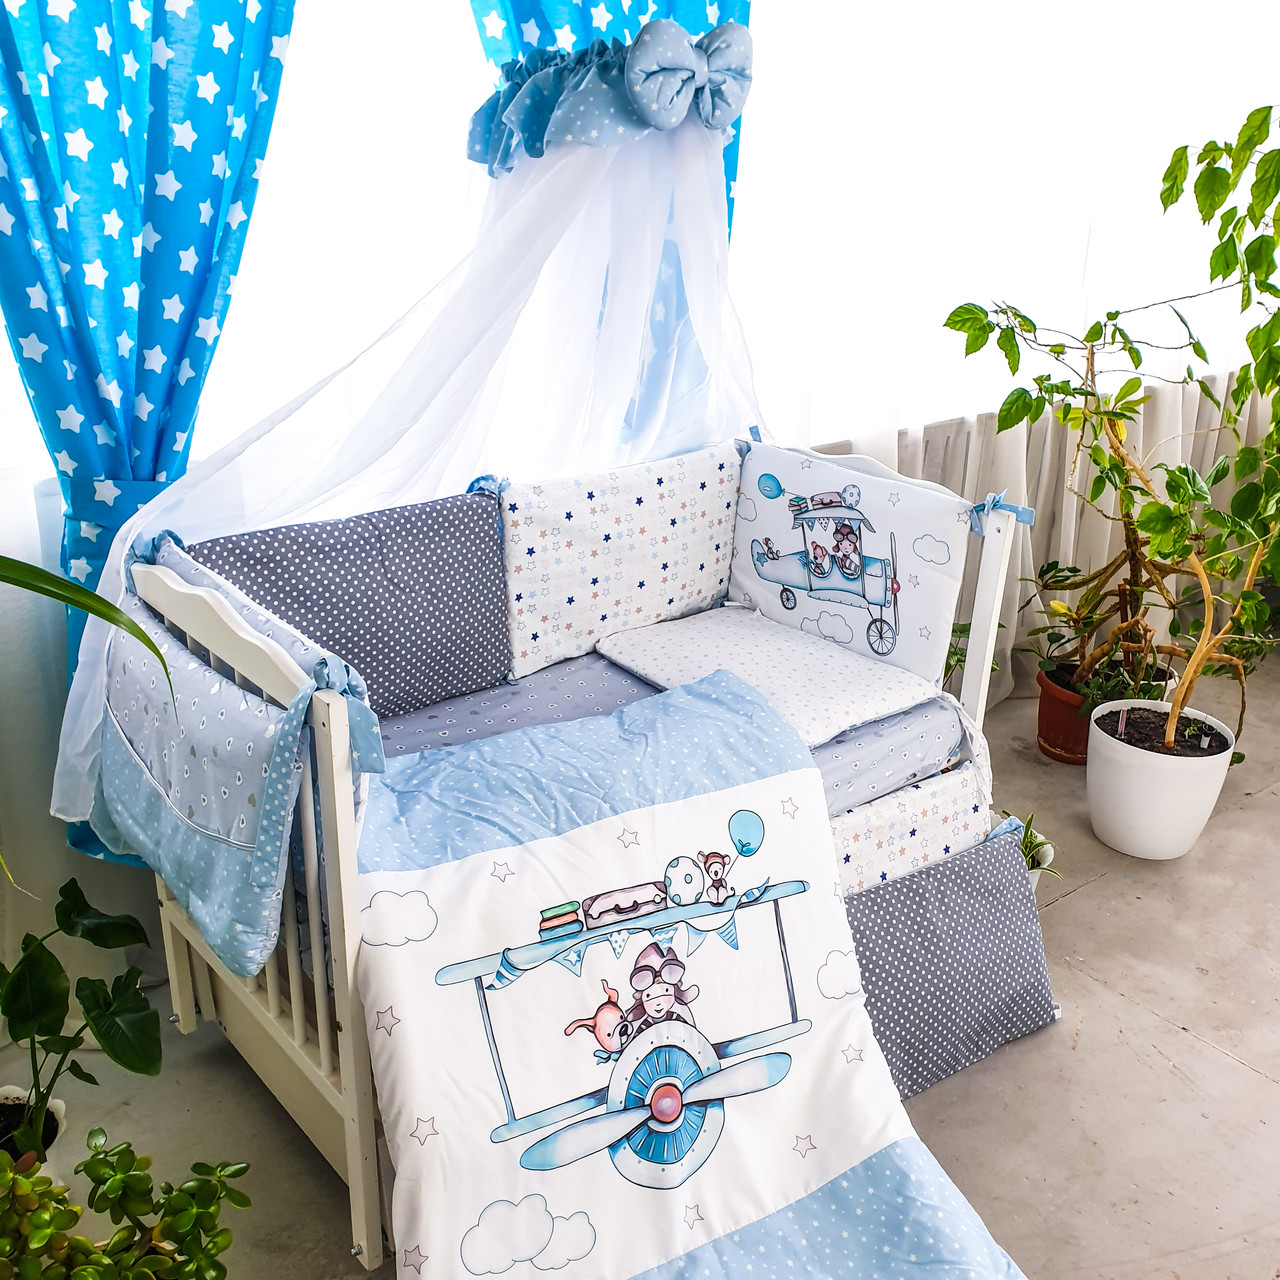 Комплект детского постельного белья Акварели 5